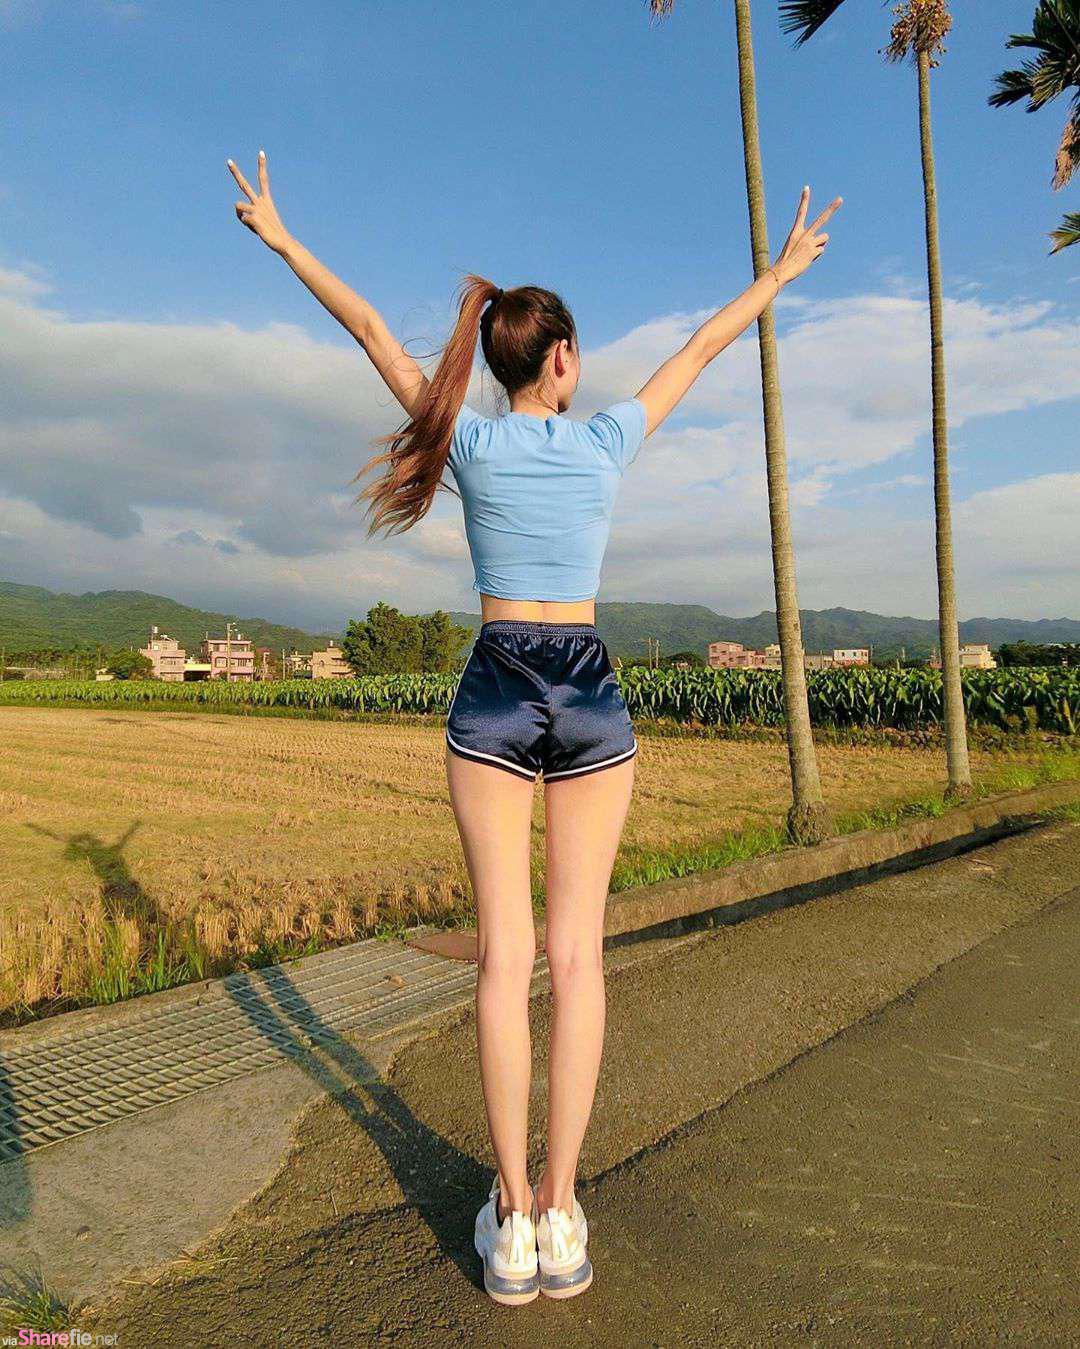 长腿正妹婉甄,身材曲线很迷人